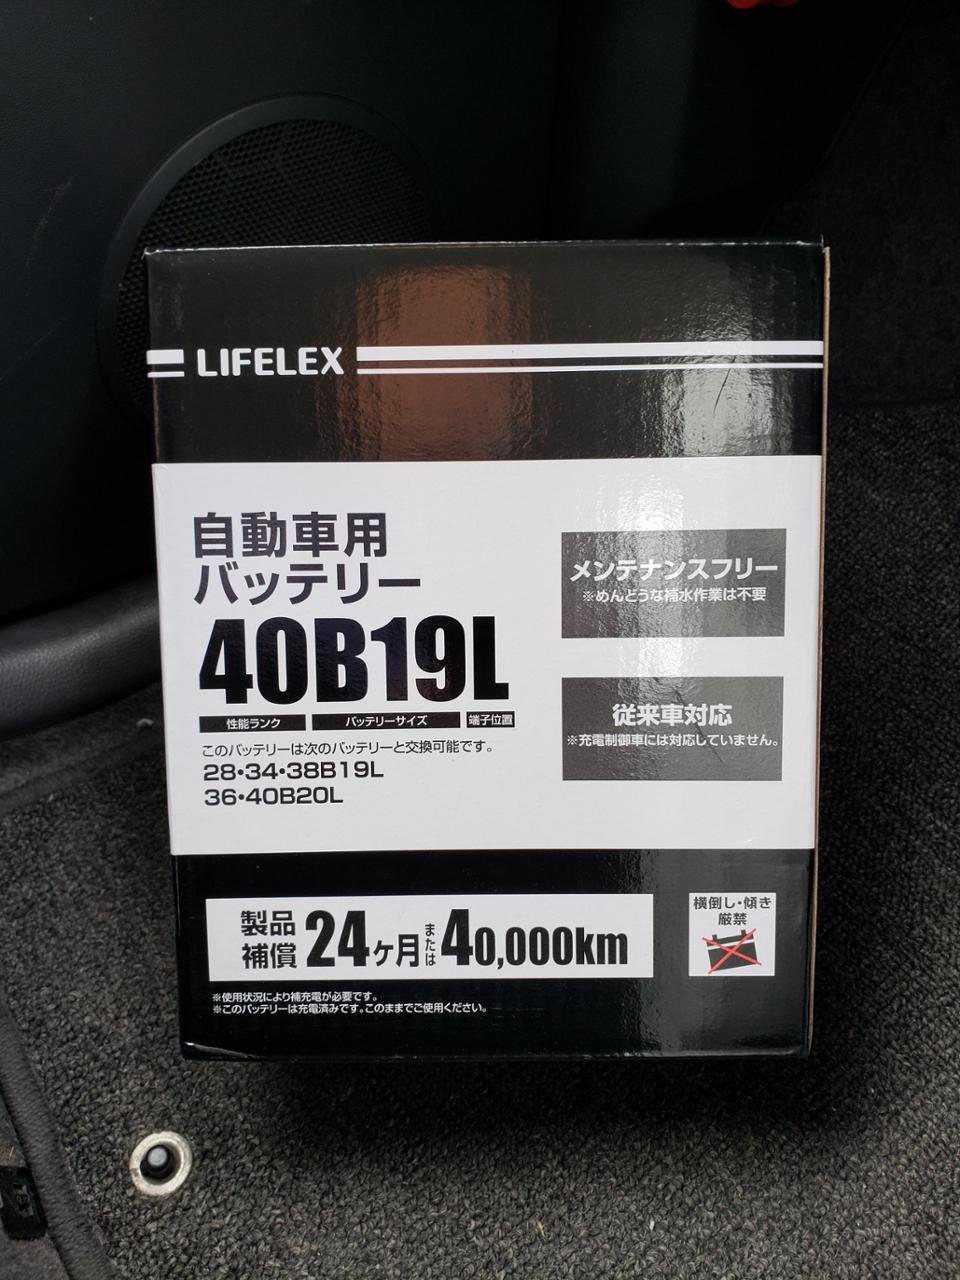 コーナン / コーナン商事 40B19L メンテナンスフリーBT